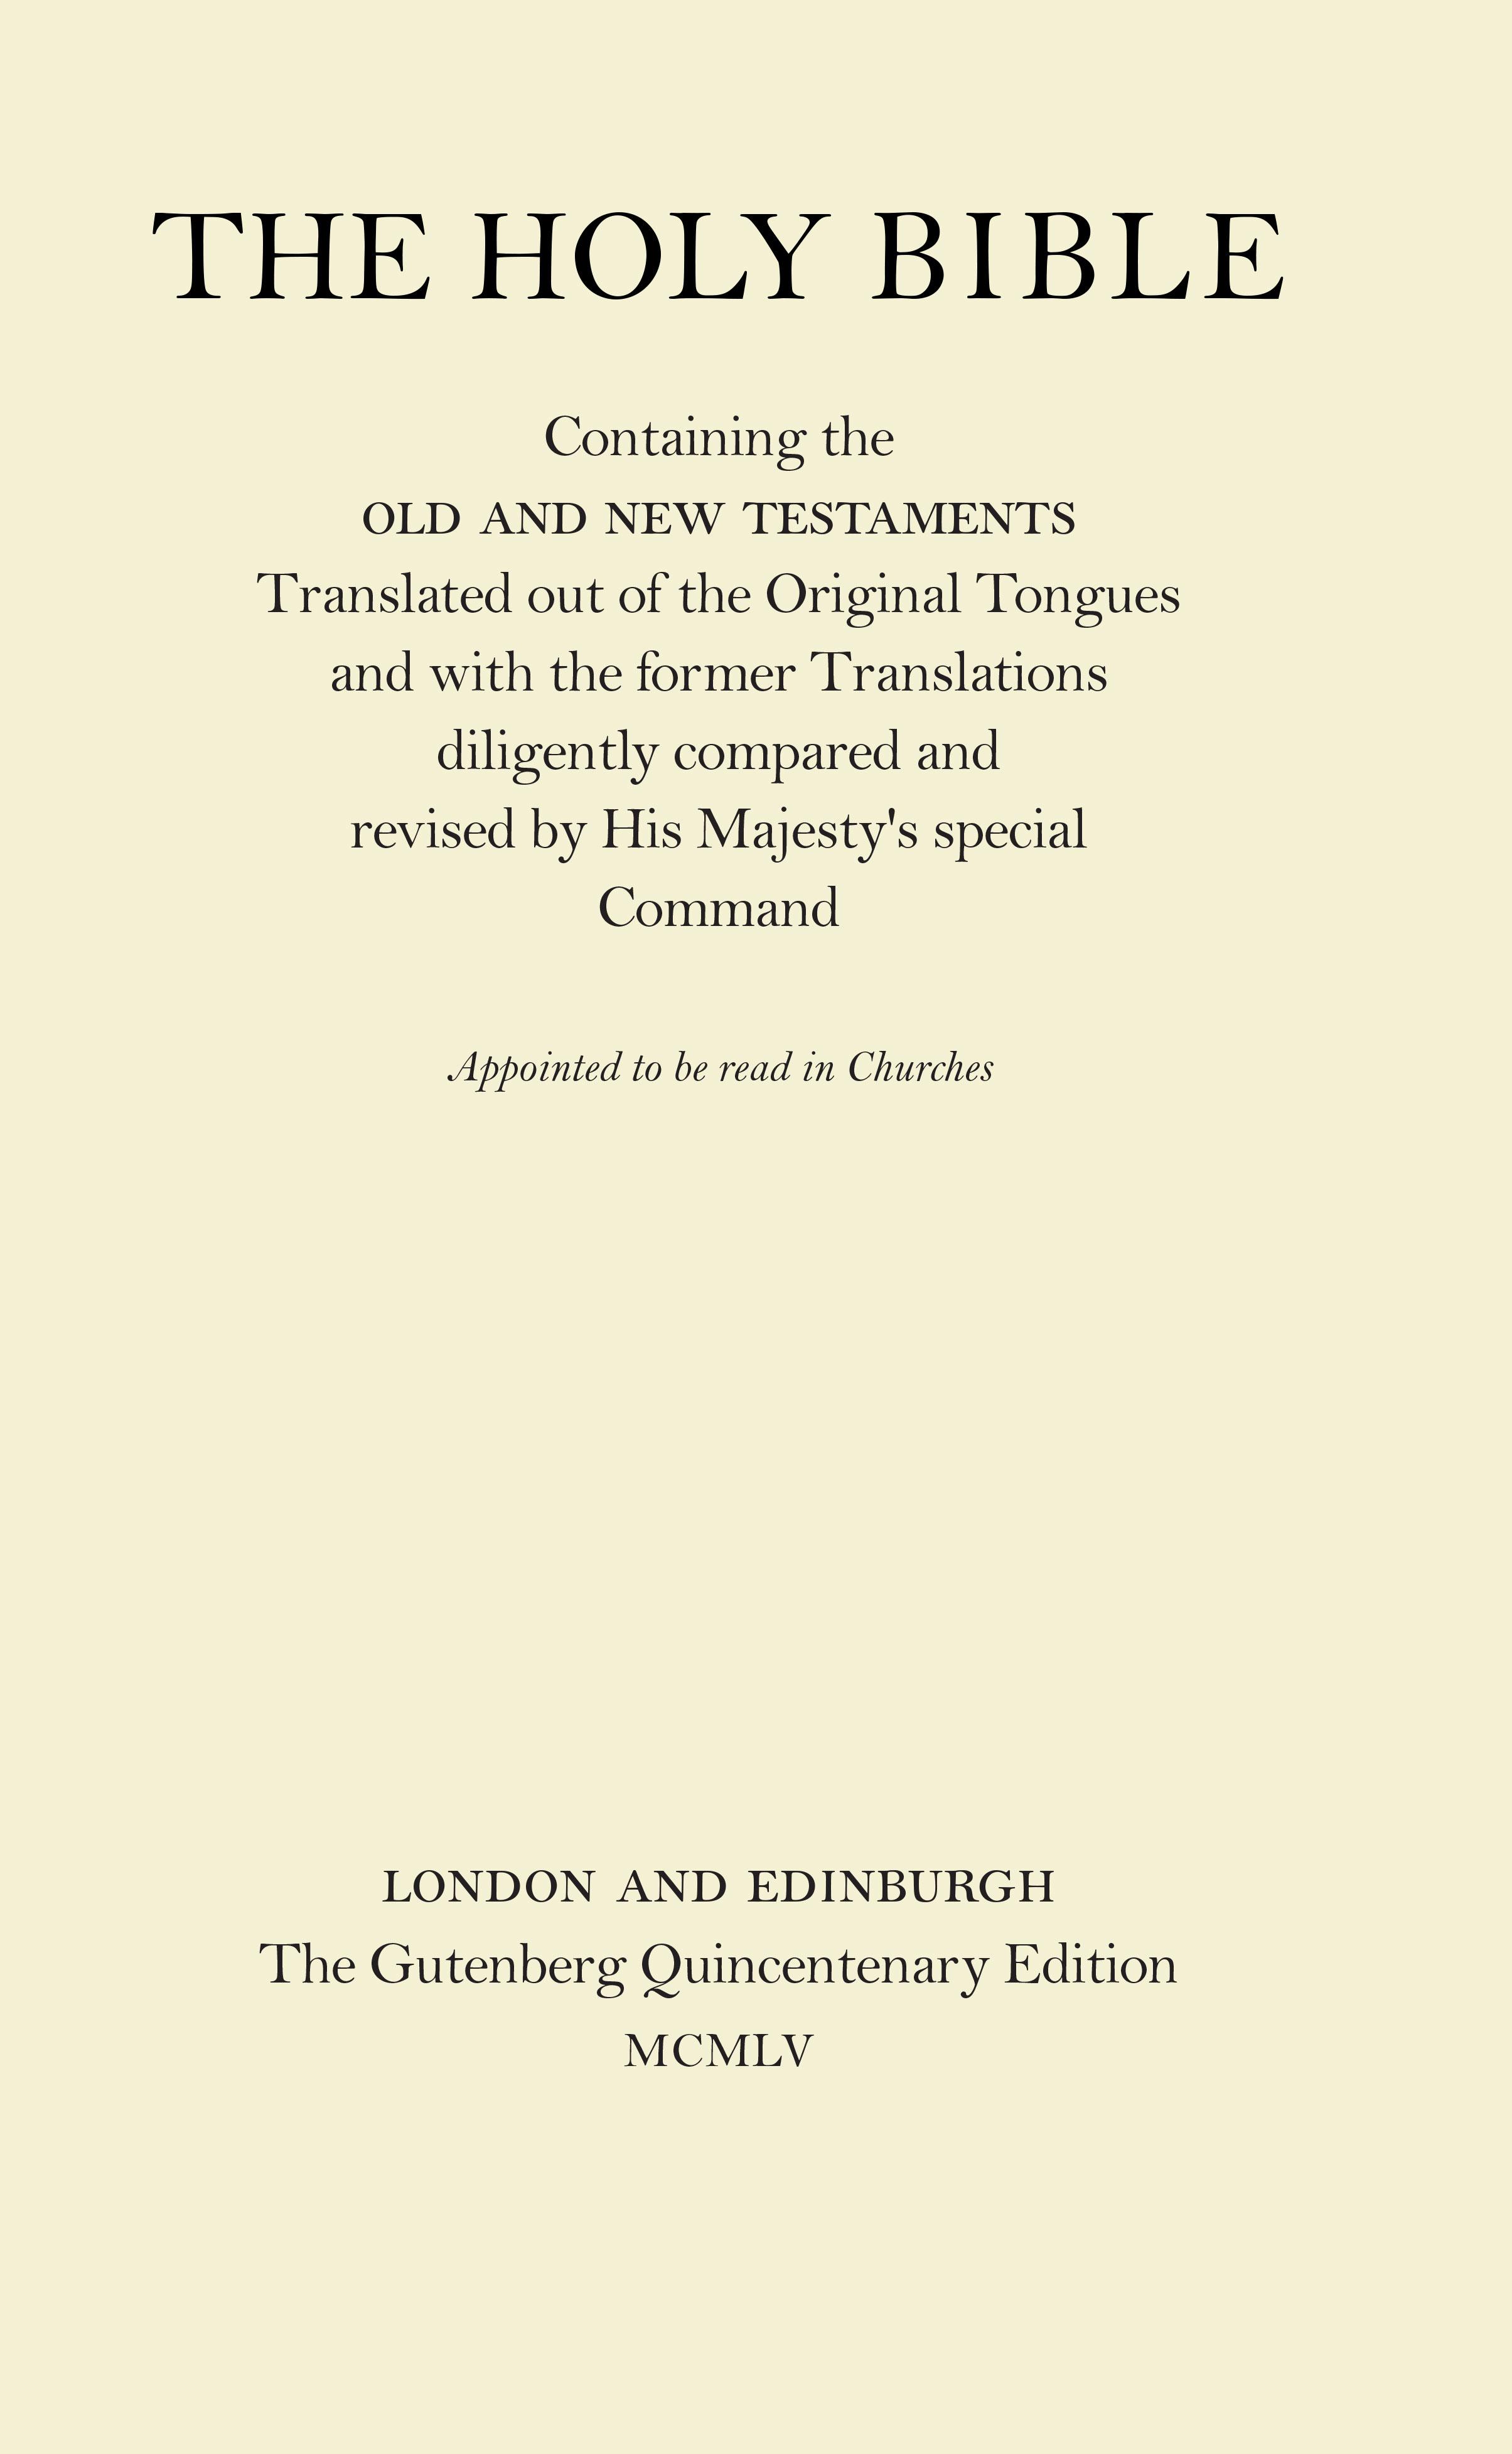 HANS SCHMOLLER  Middlesex, England, 1955  Bulmer, Bell  20.8 X 33.5 cm  Letterpress  Liber Librorum Collection